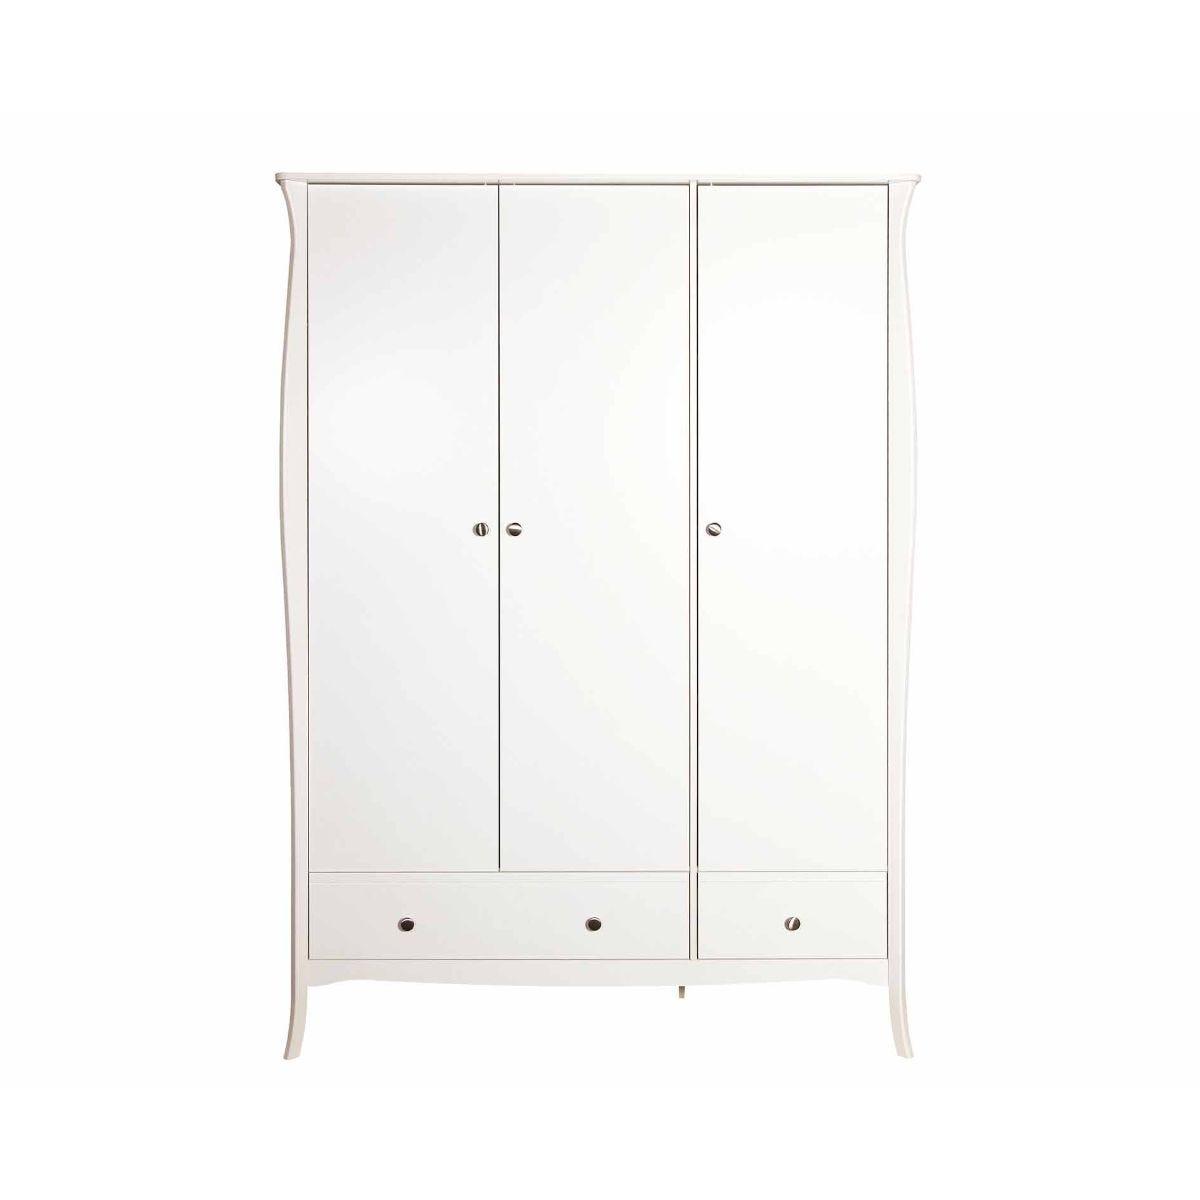 Steens Baroque 3 Door Wardrobe, White